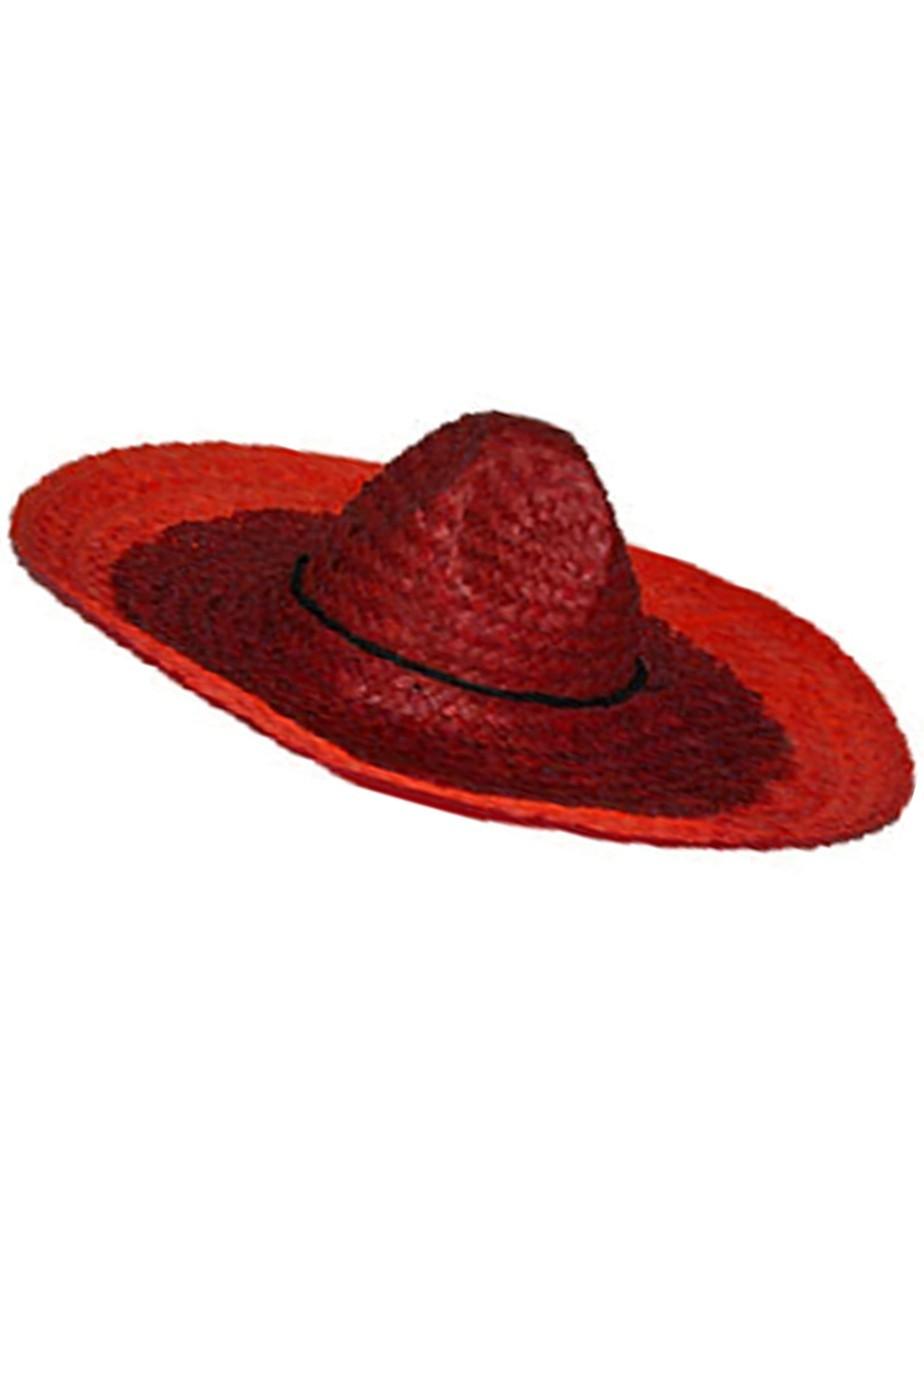 Cappello messicano sombrero 60cm  disponibile solo arancione